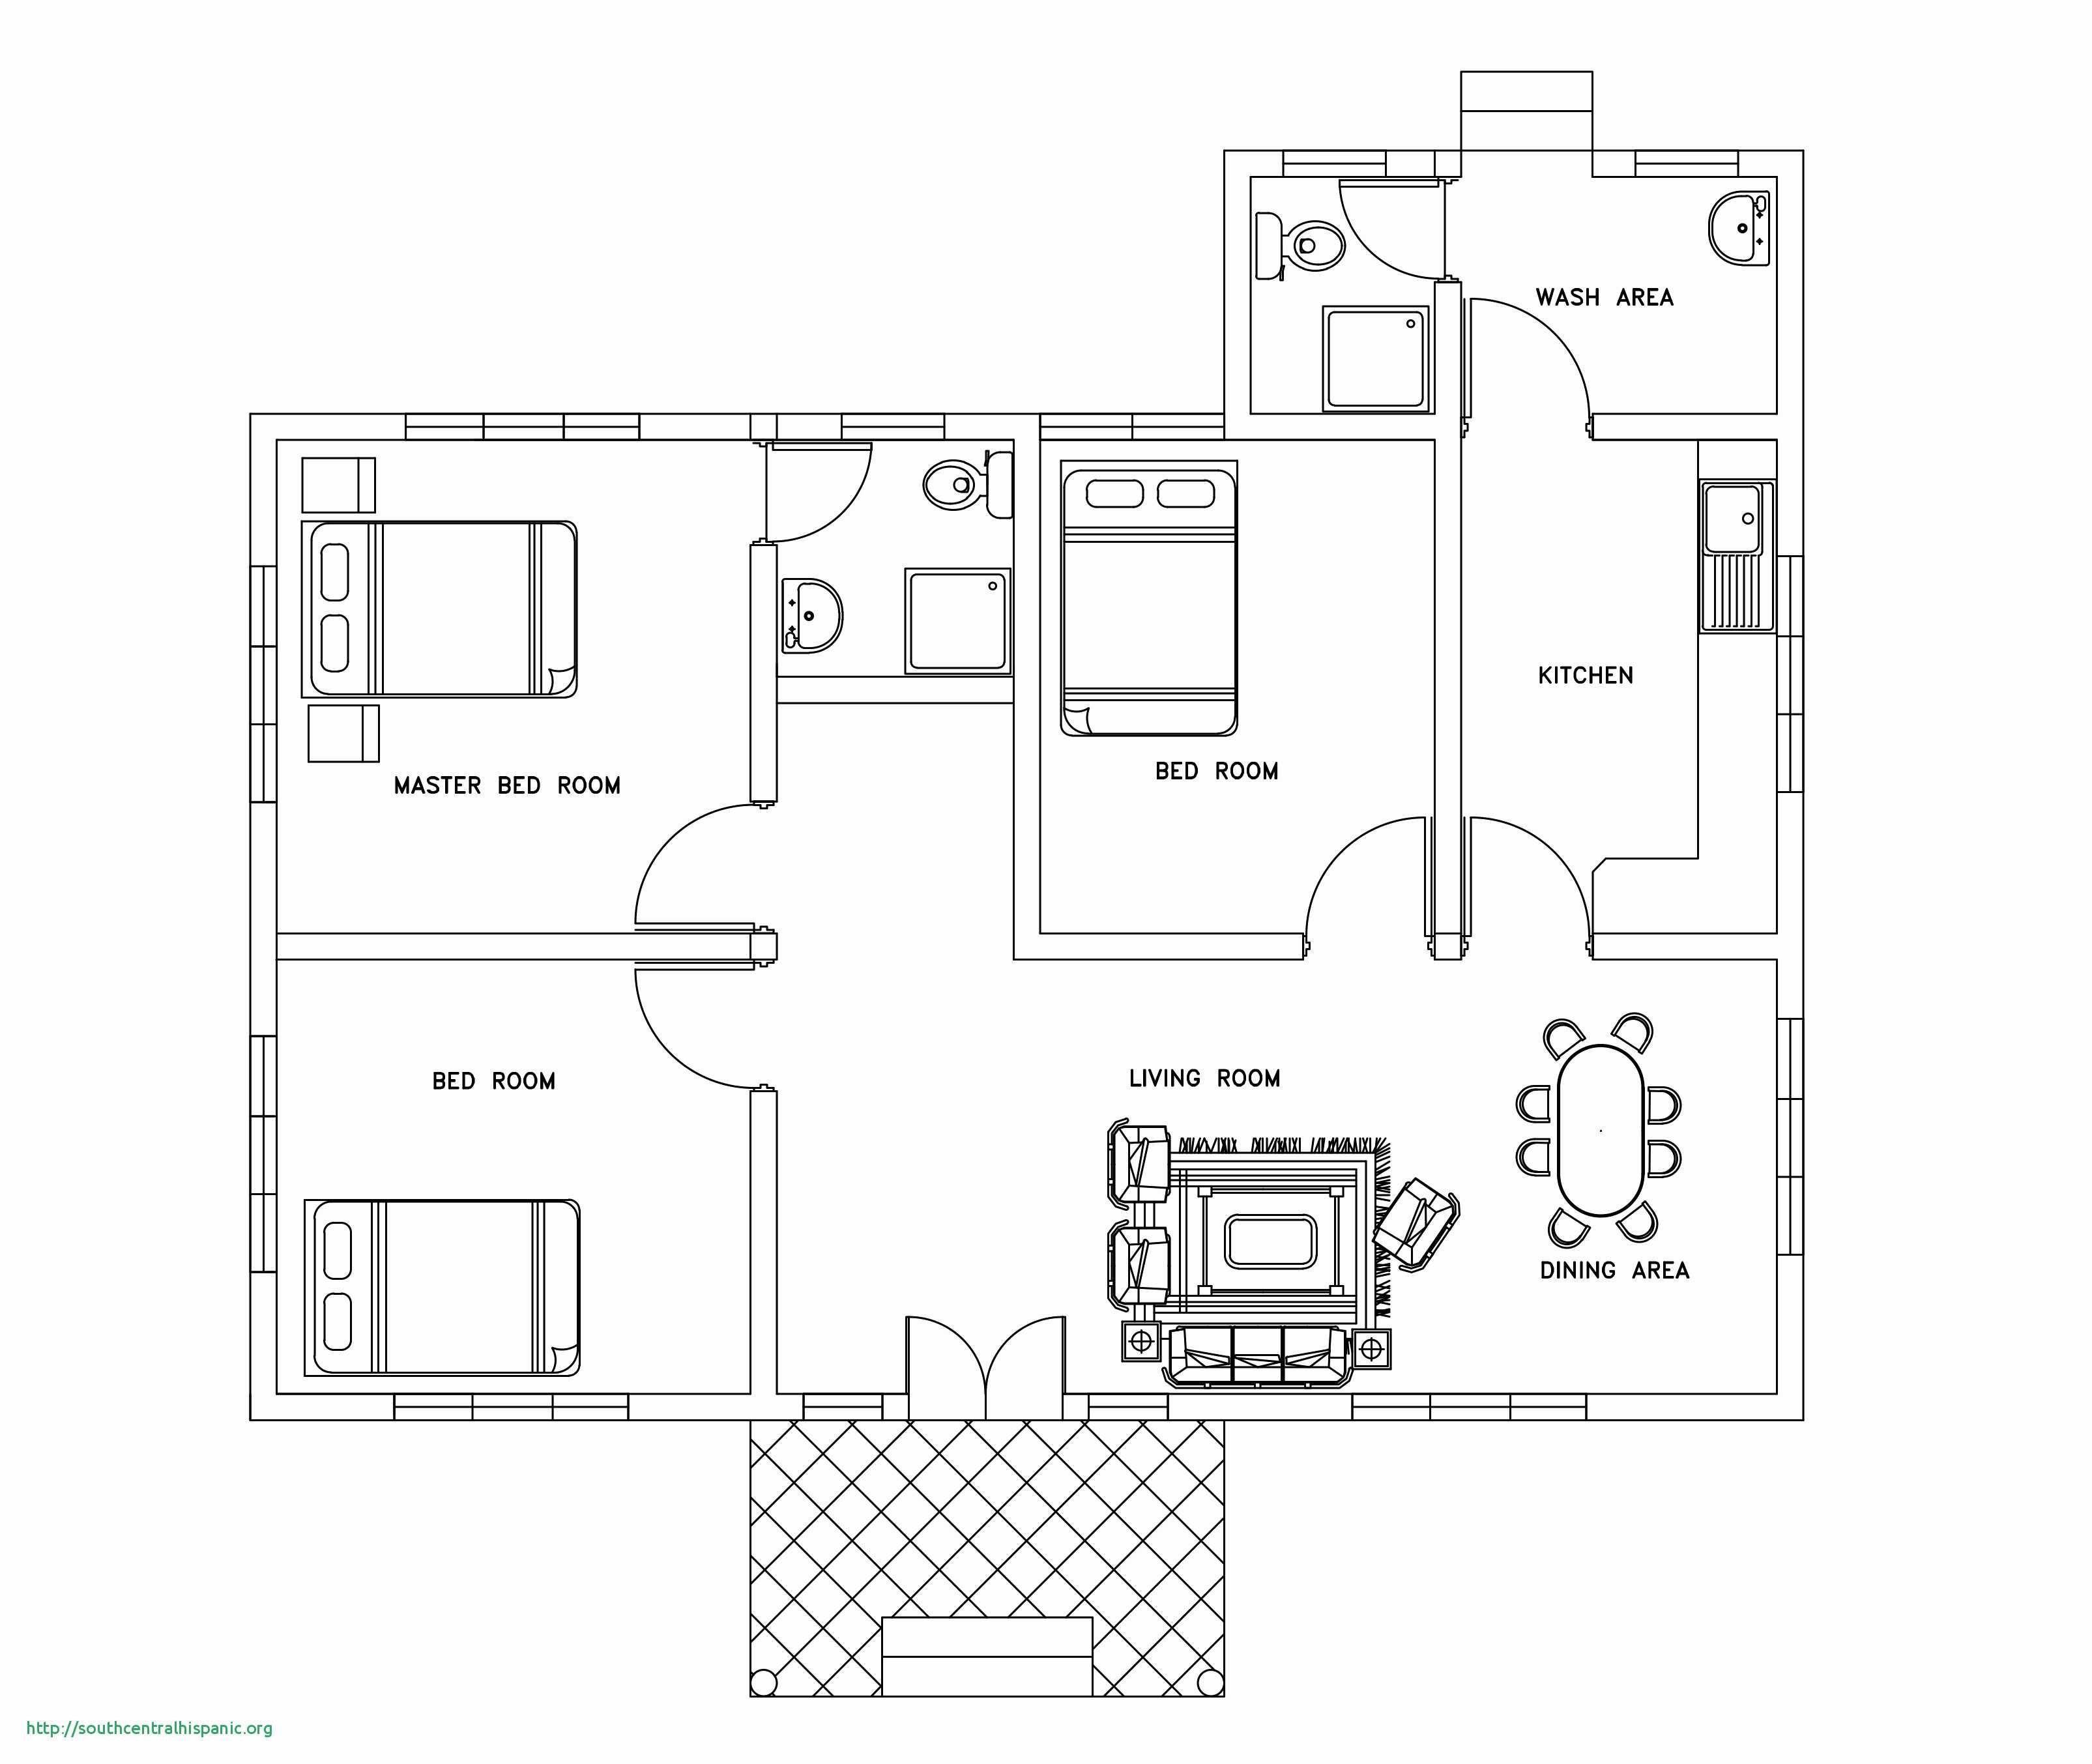 Bedroom Floor Plan Symbols  Floor plan design, Bedroom house